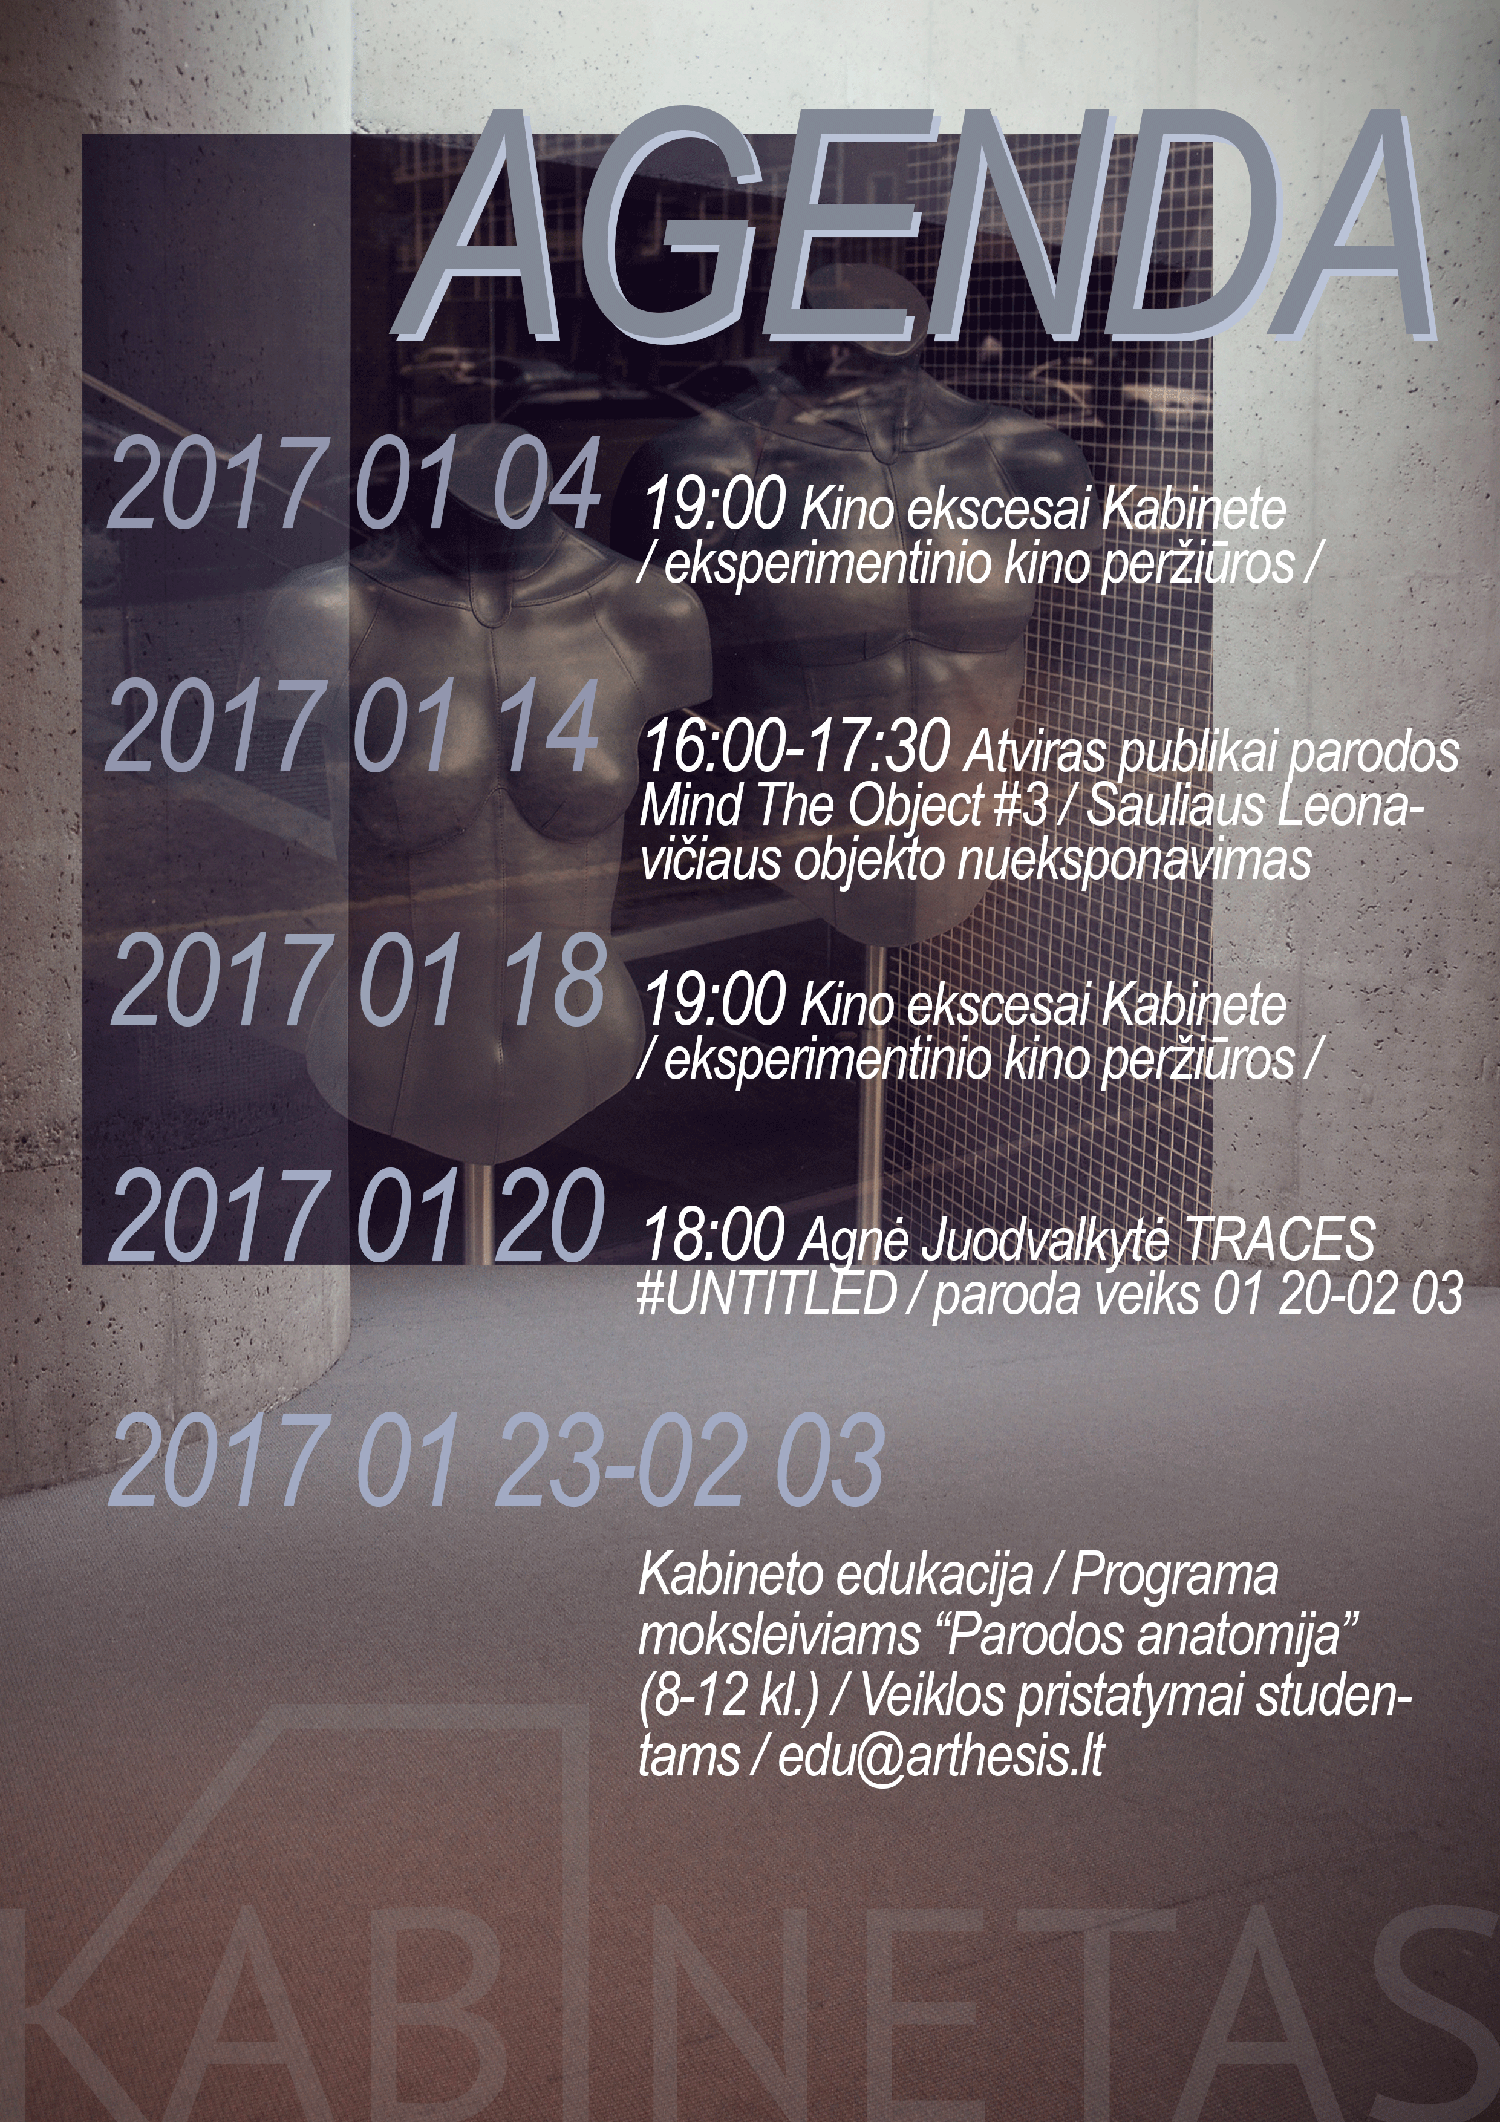 agenda-2017-01